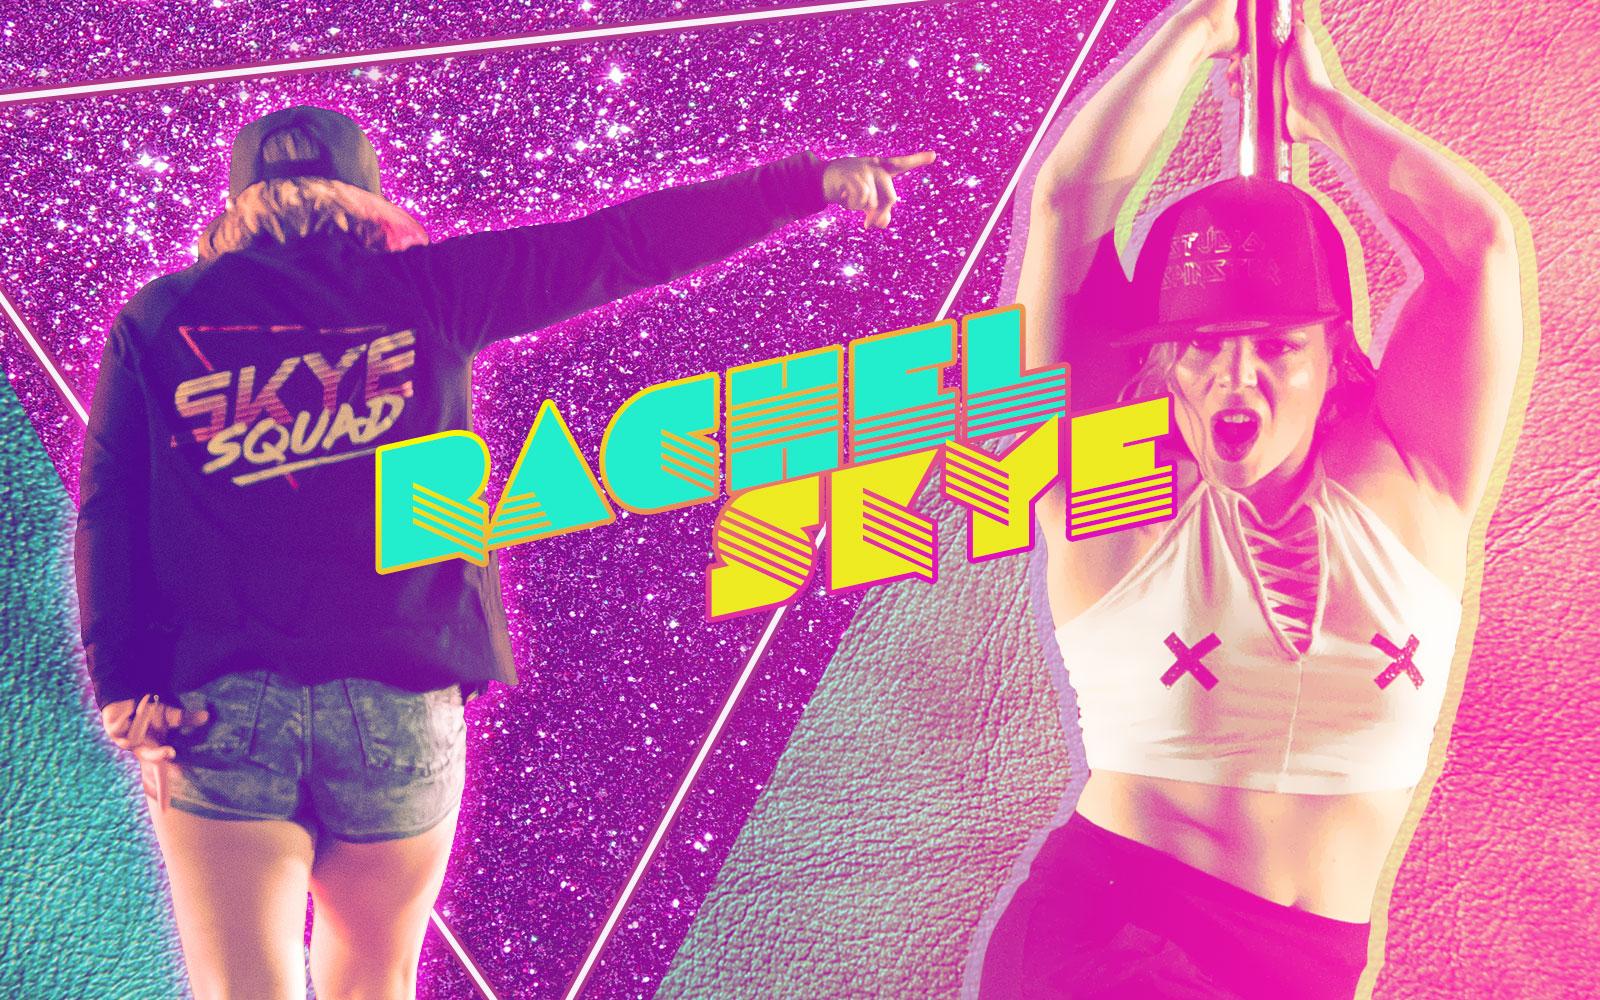 Rachel Skye